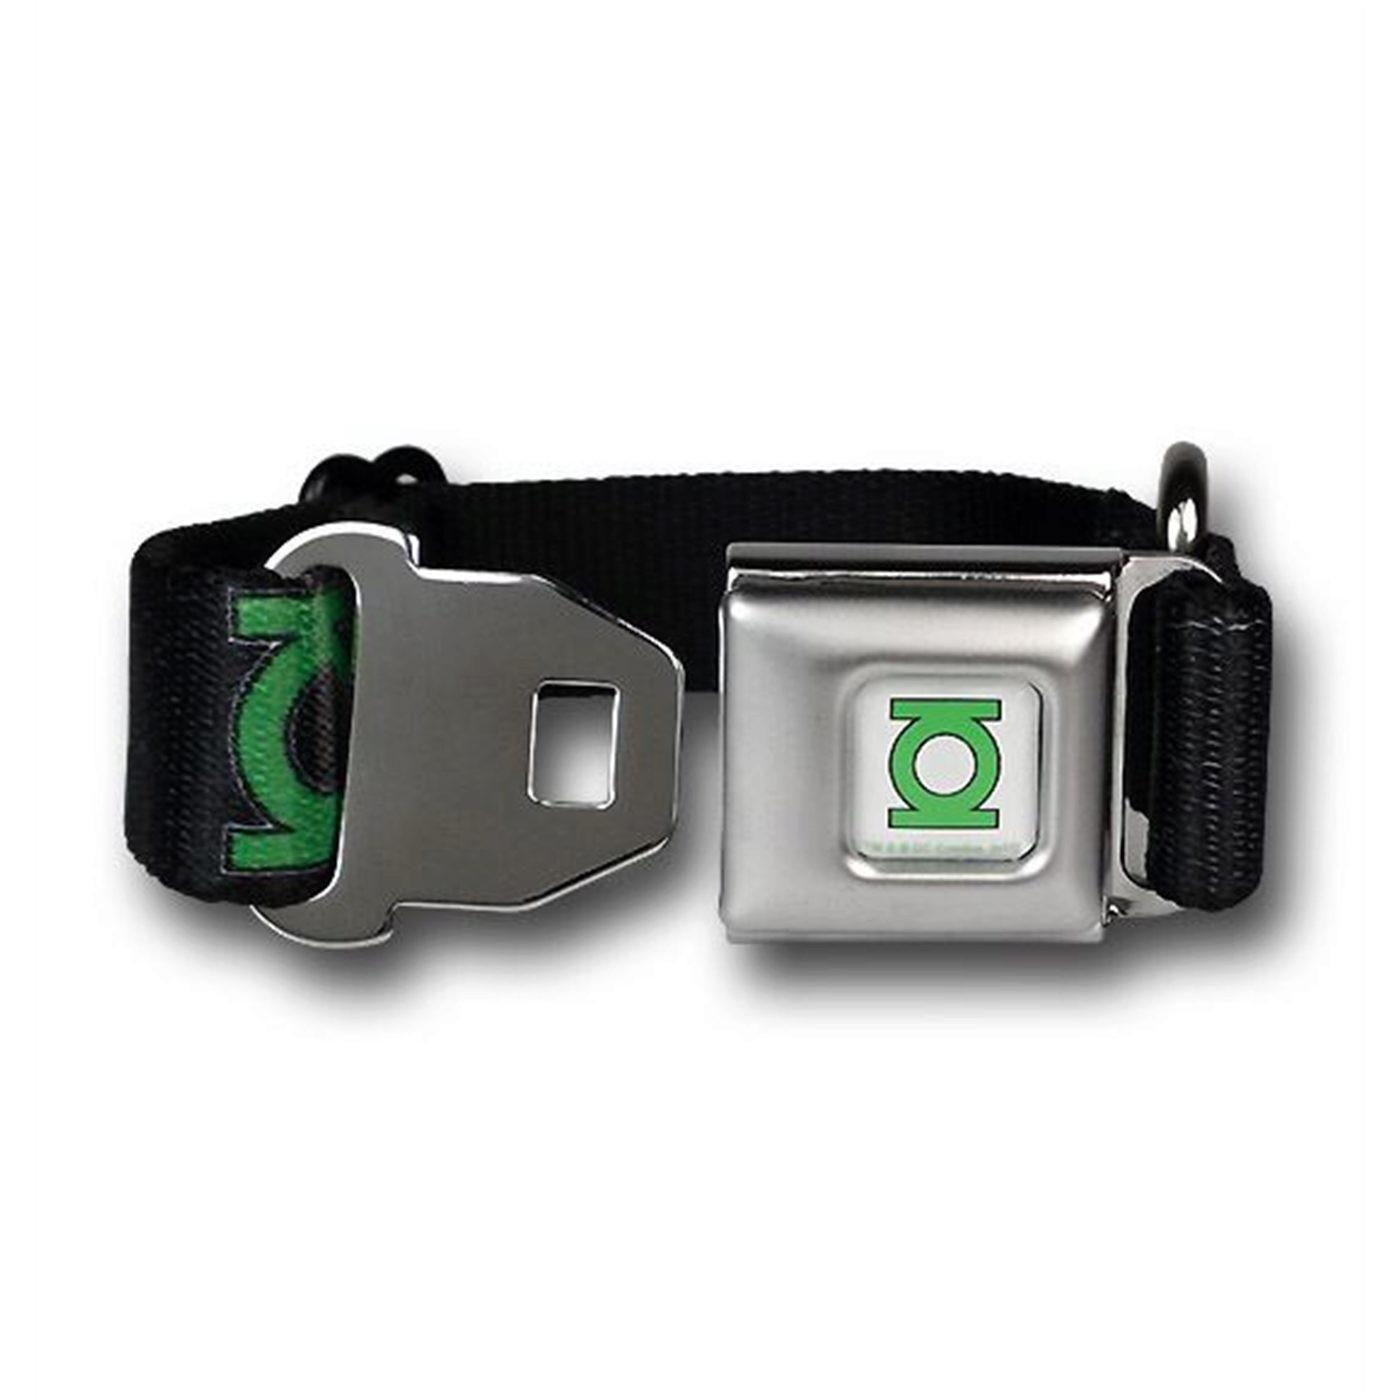 Green Lantern Symbols Black Dog Collar